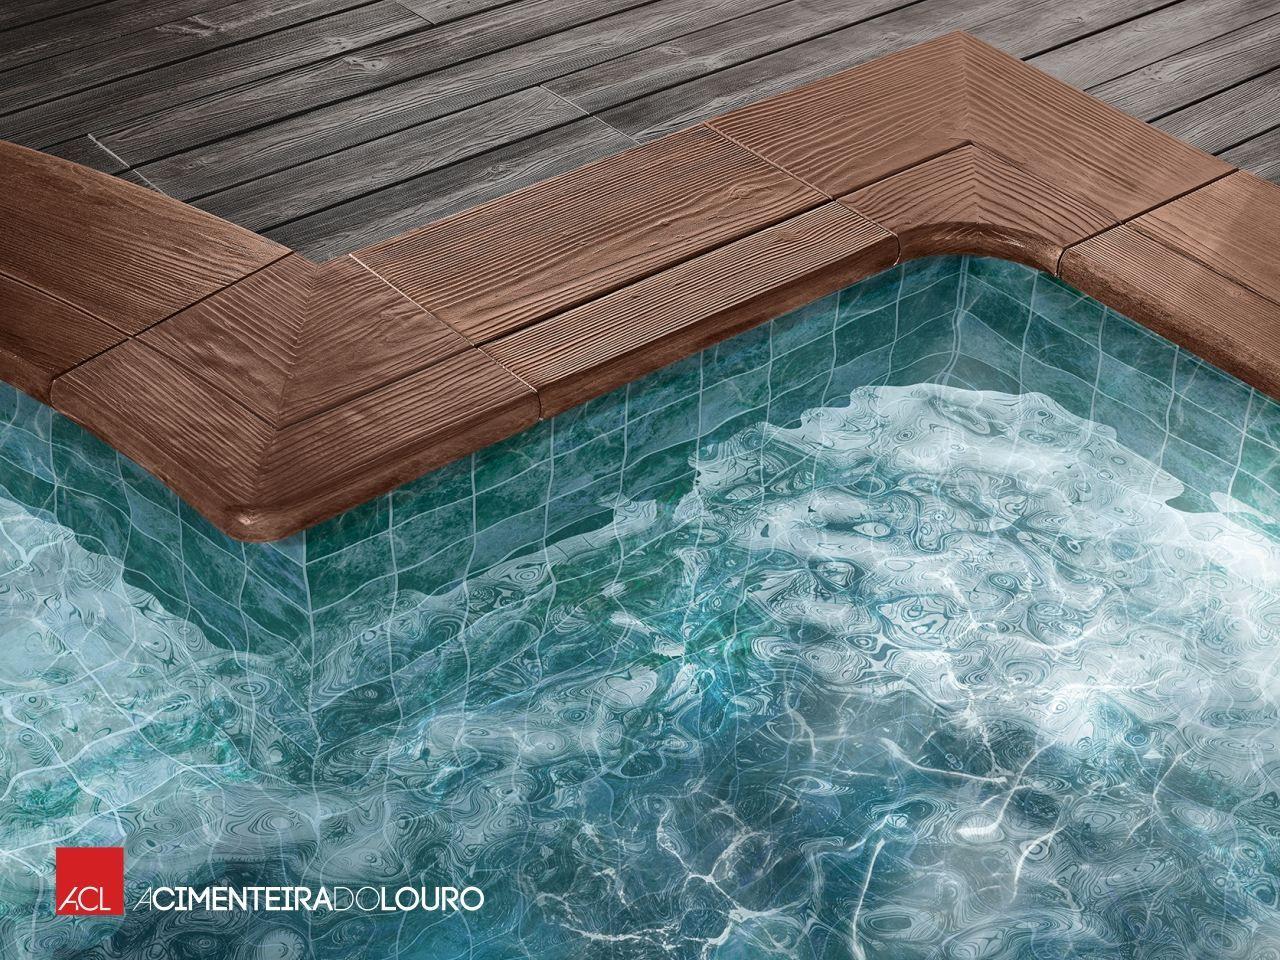 Madeiras bordo per piscina by a cimenteira do louro for Bordi per piscine